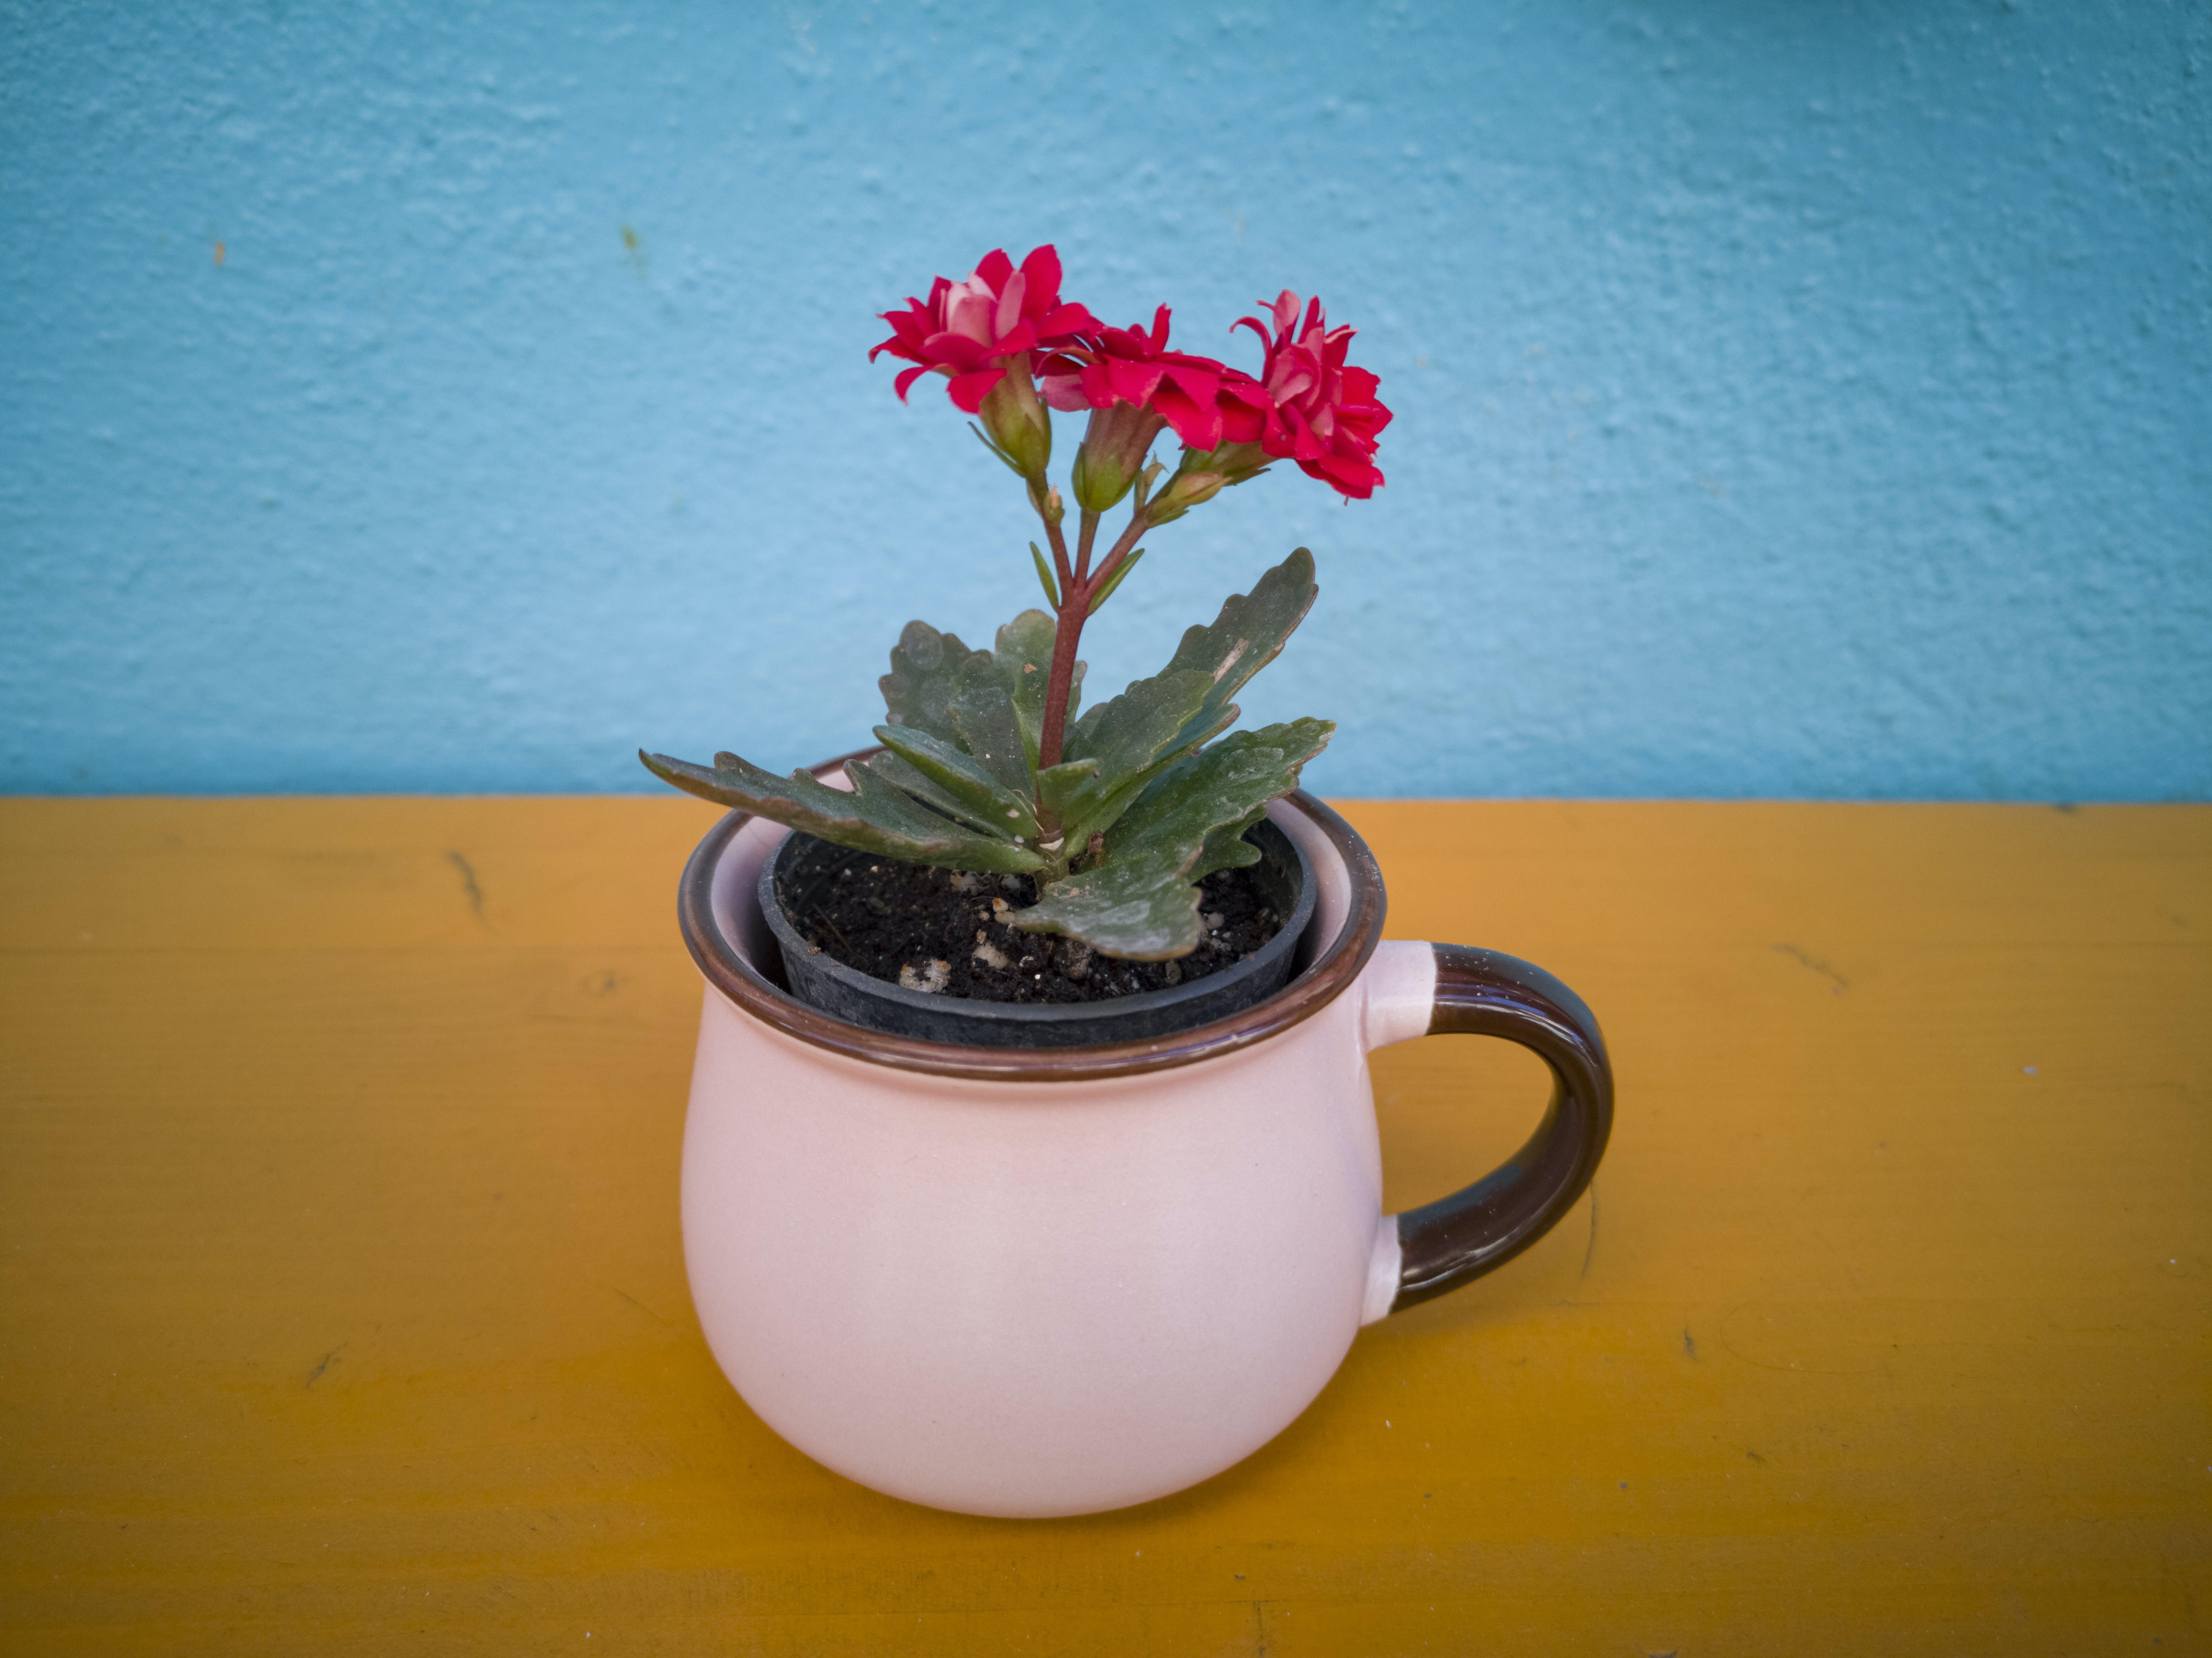 Ảnh lưu trữ miễn phí về cái bình hoa, cận cảnh, cánh hoa, cây cảnh